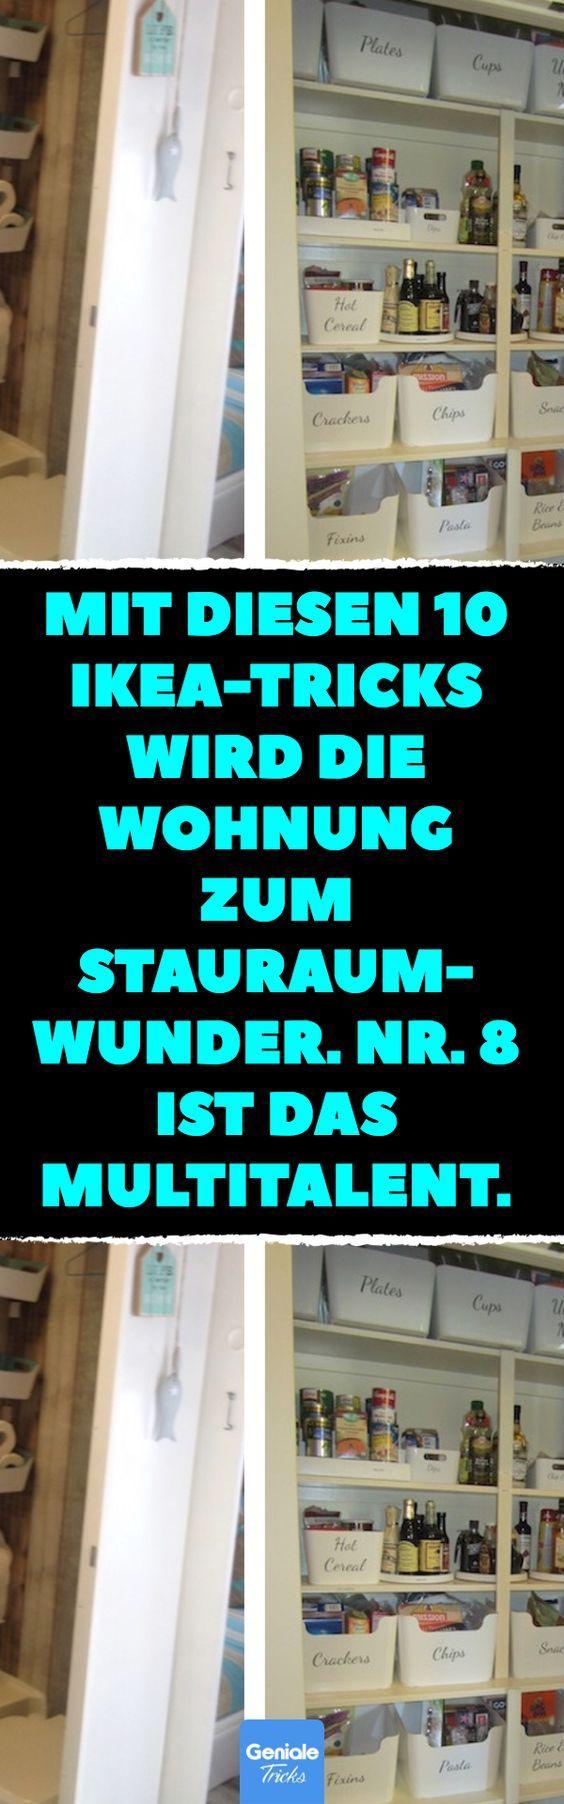 Mit diesen 10 Ikea-Tricks wird die Wohnung zum Stauraum-Wunder. Nr. 8 ist das Multitalent. Wohnung einrichten mit IKEA-Boxen. #wohnung #einrichten #ikea #stauraum